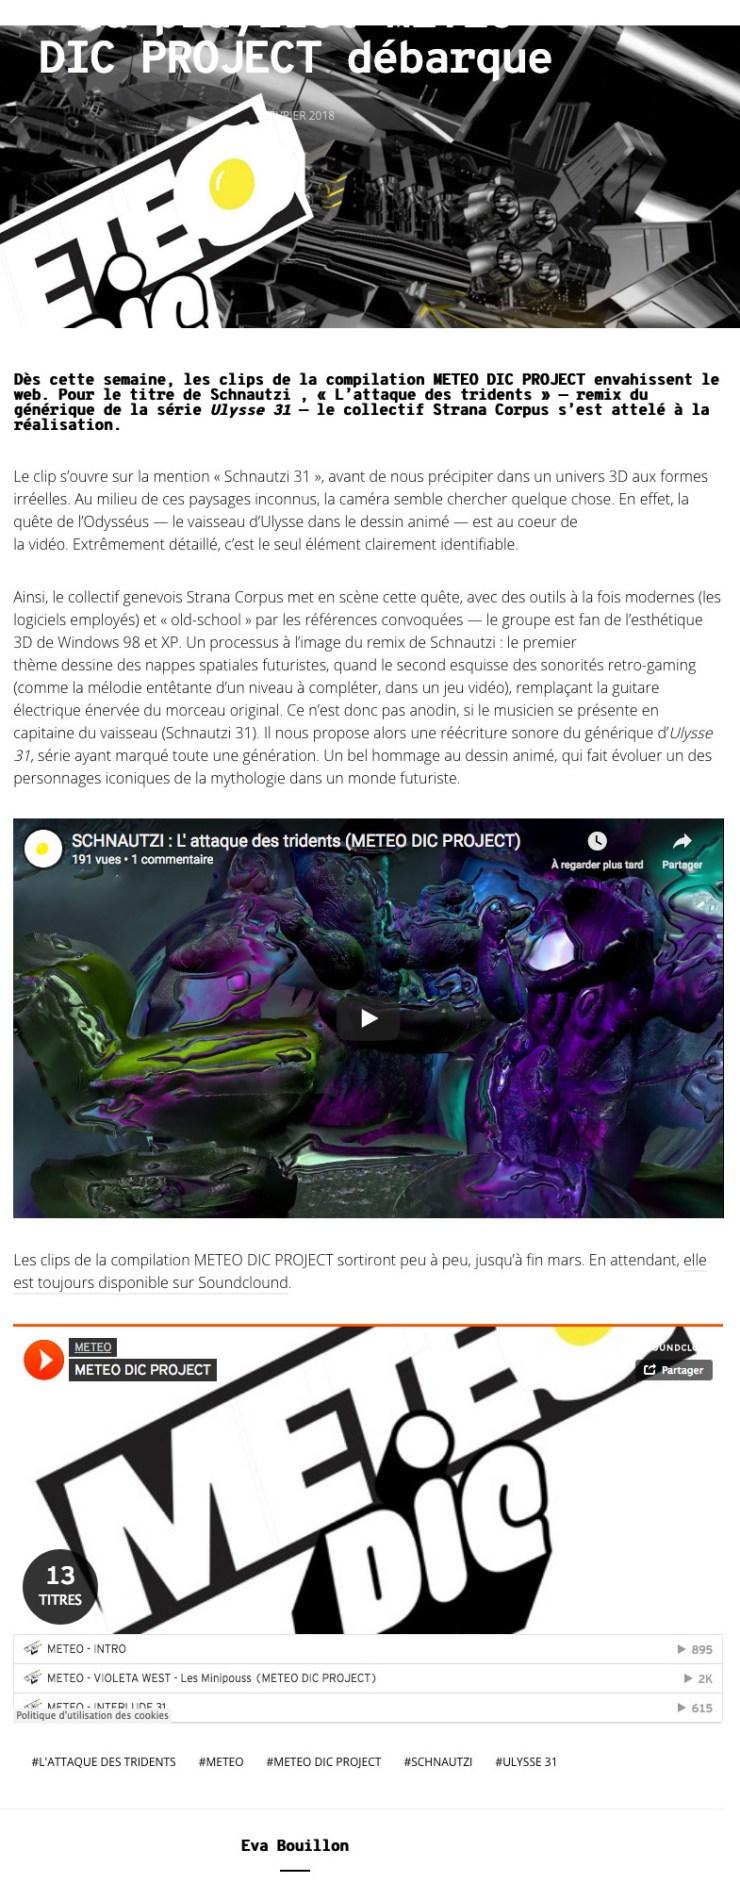 Screenshot-2018-3-11 Le premier clip de la playlist METEO DIC PROJECT débarque